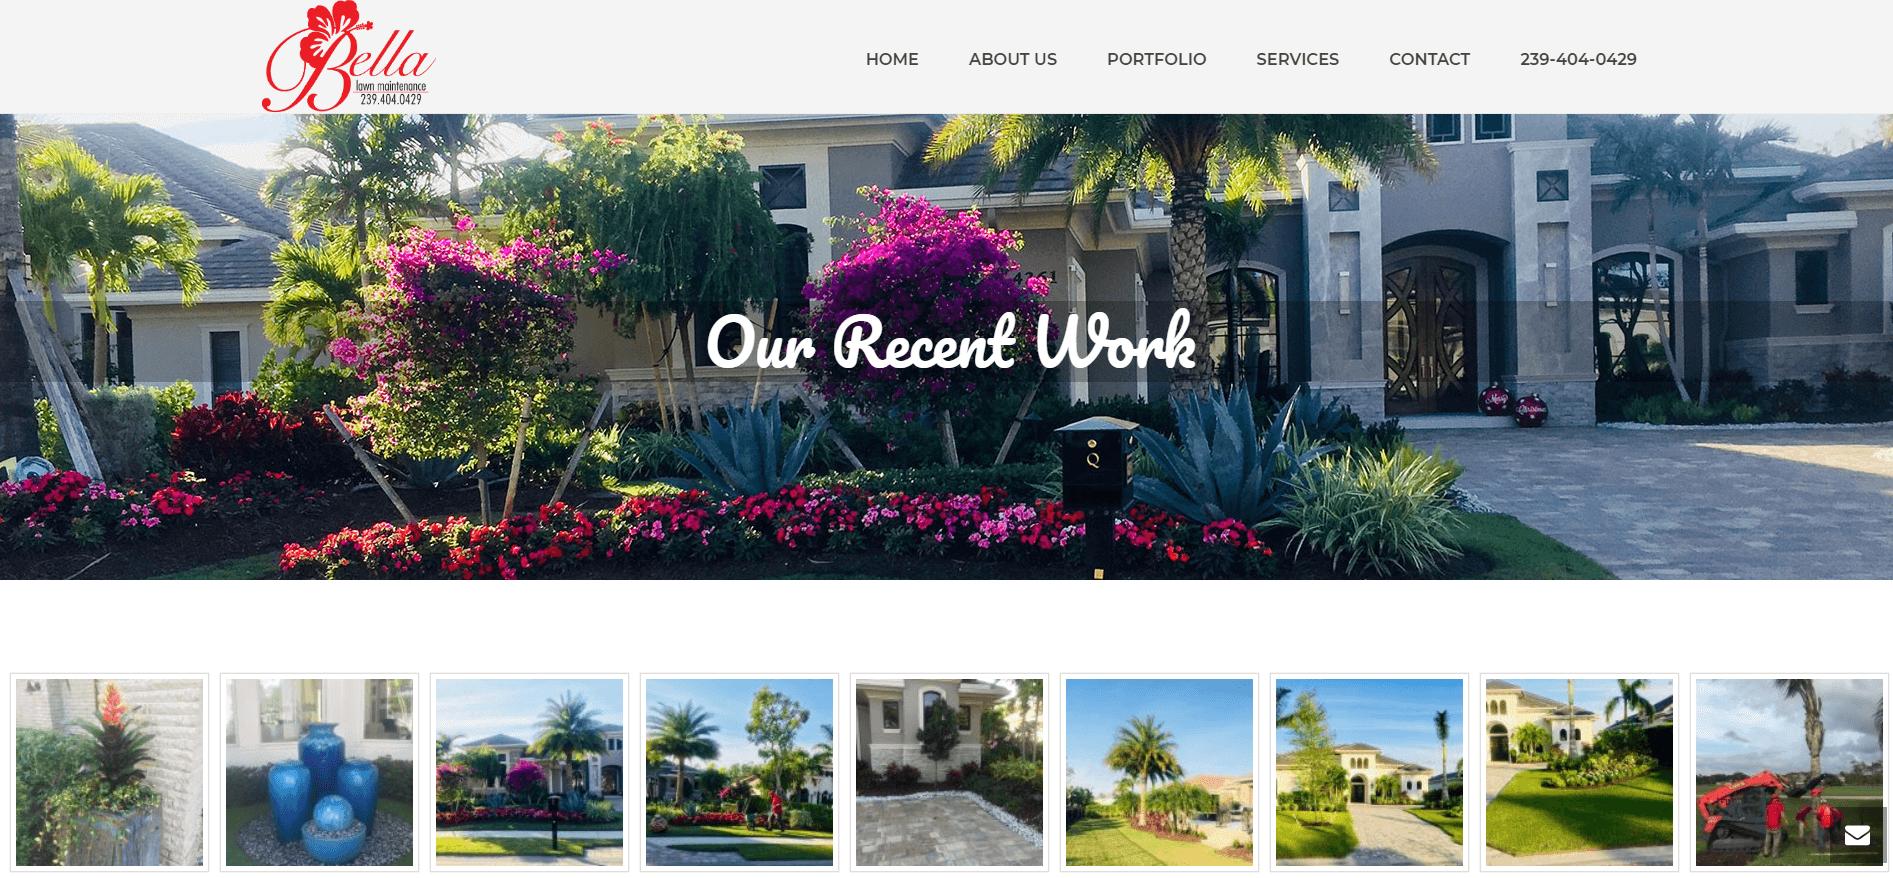 bella lawn mainetence portfolio page